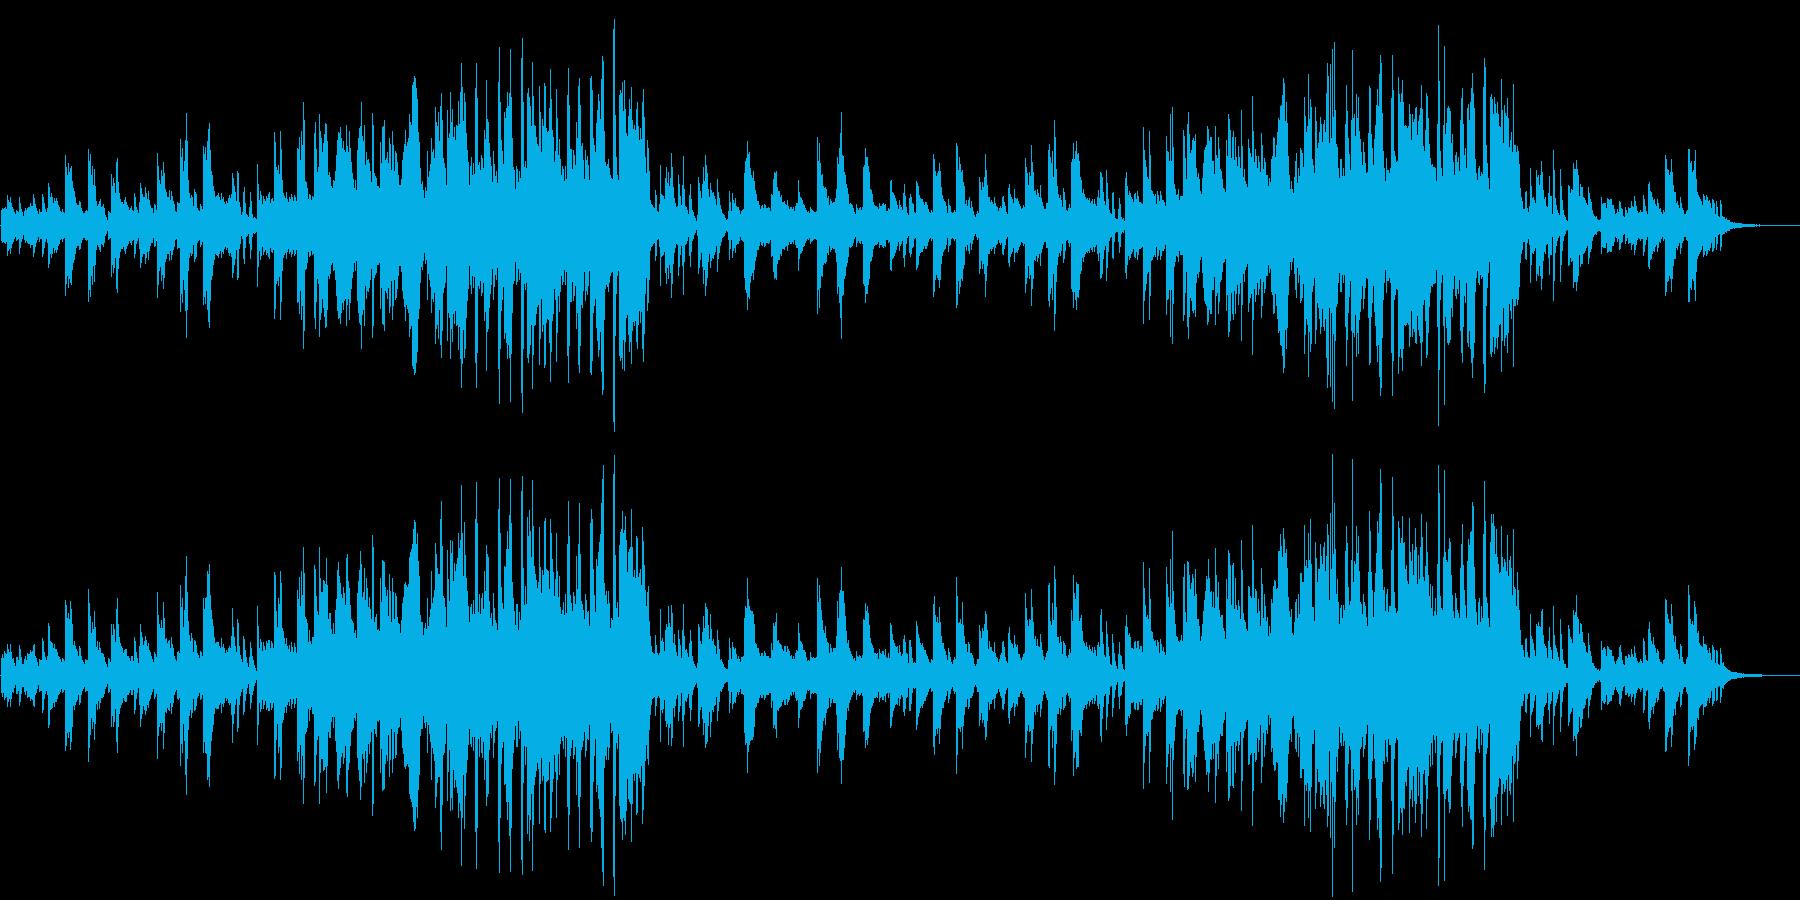 感動的なイージーリスニングピアノソロの再生済みの波形